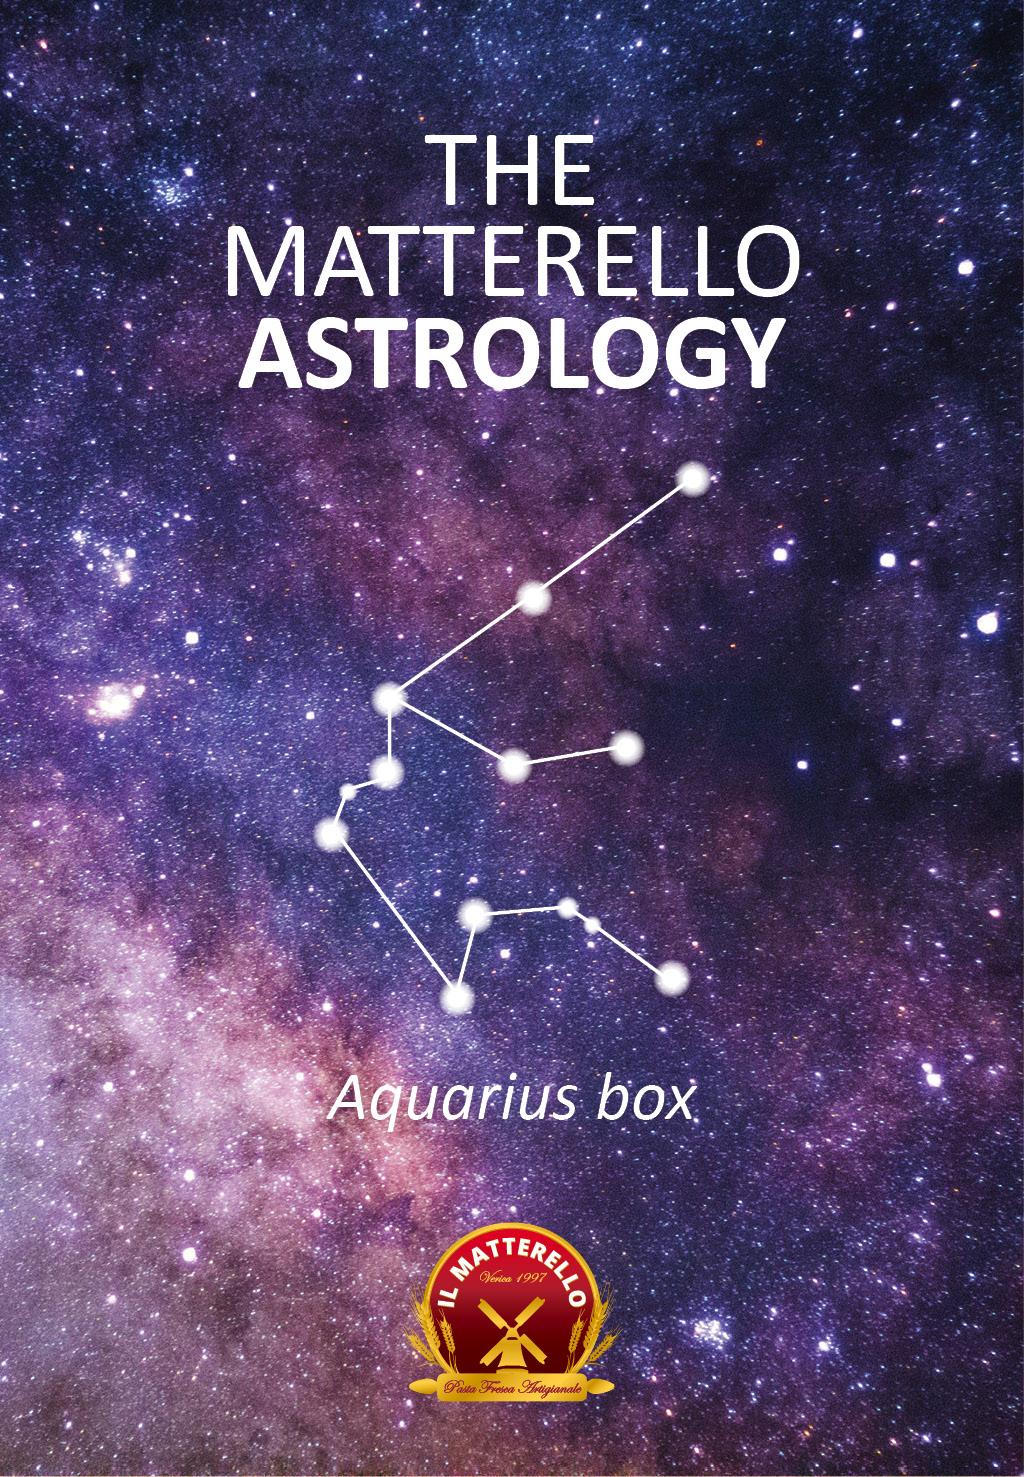 copertina_box_polistirolo_375x260_astrology_acquario